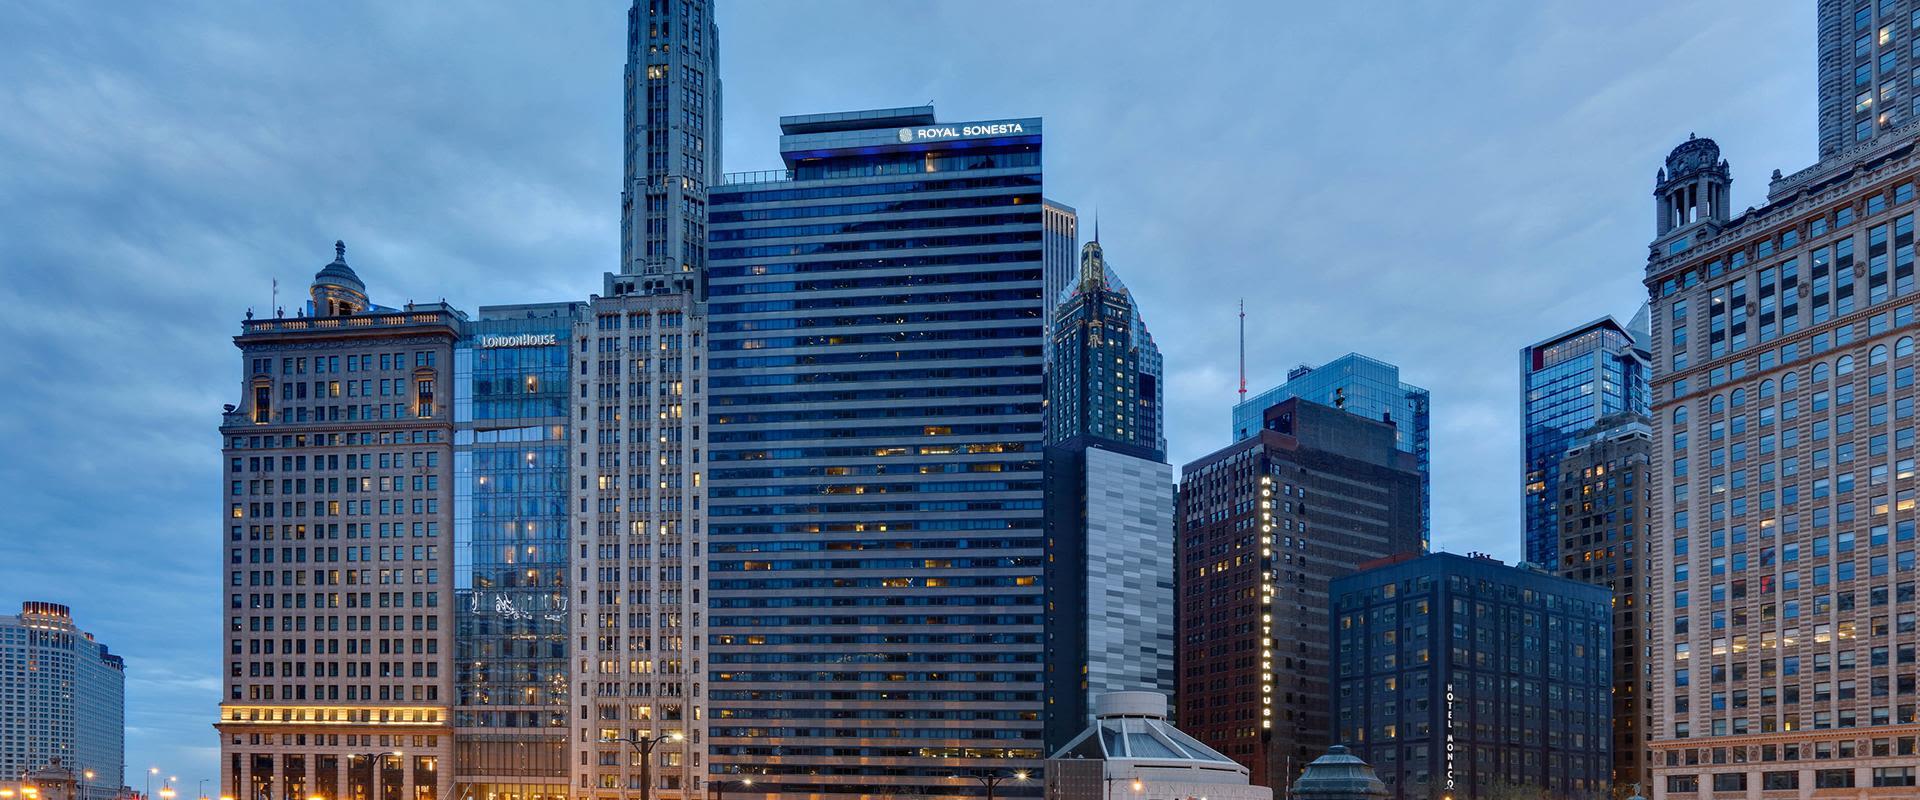 Chicago Hotel Exterior